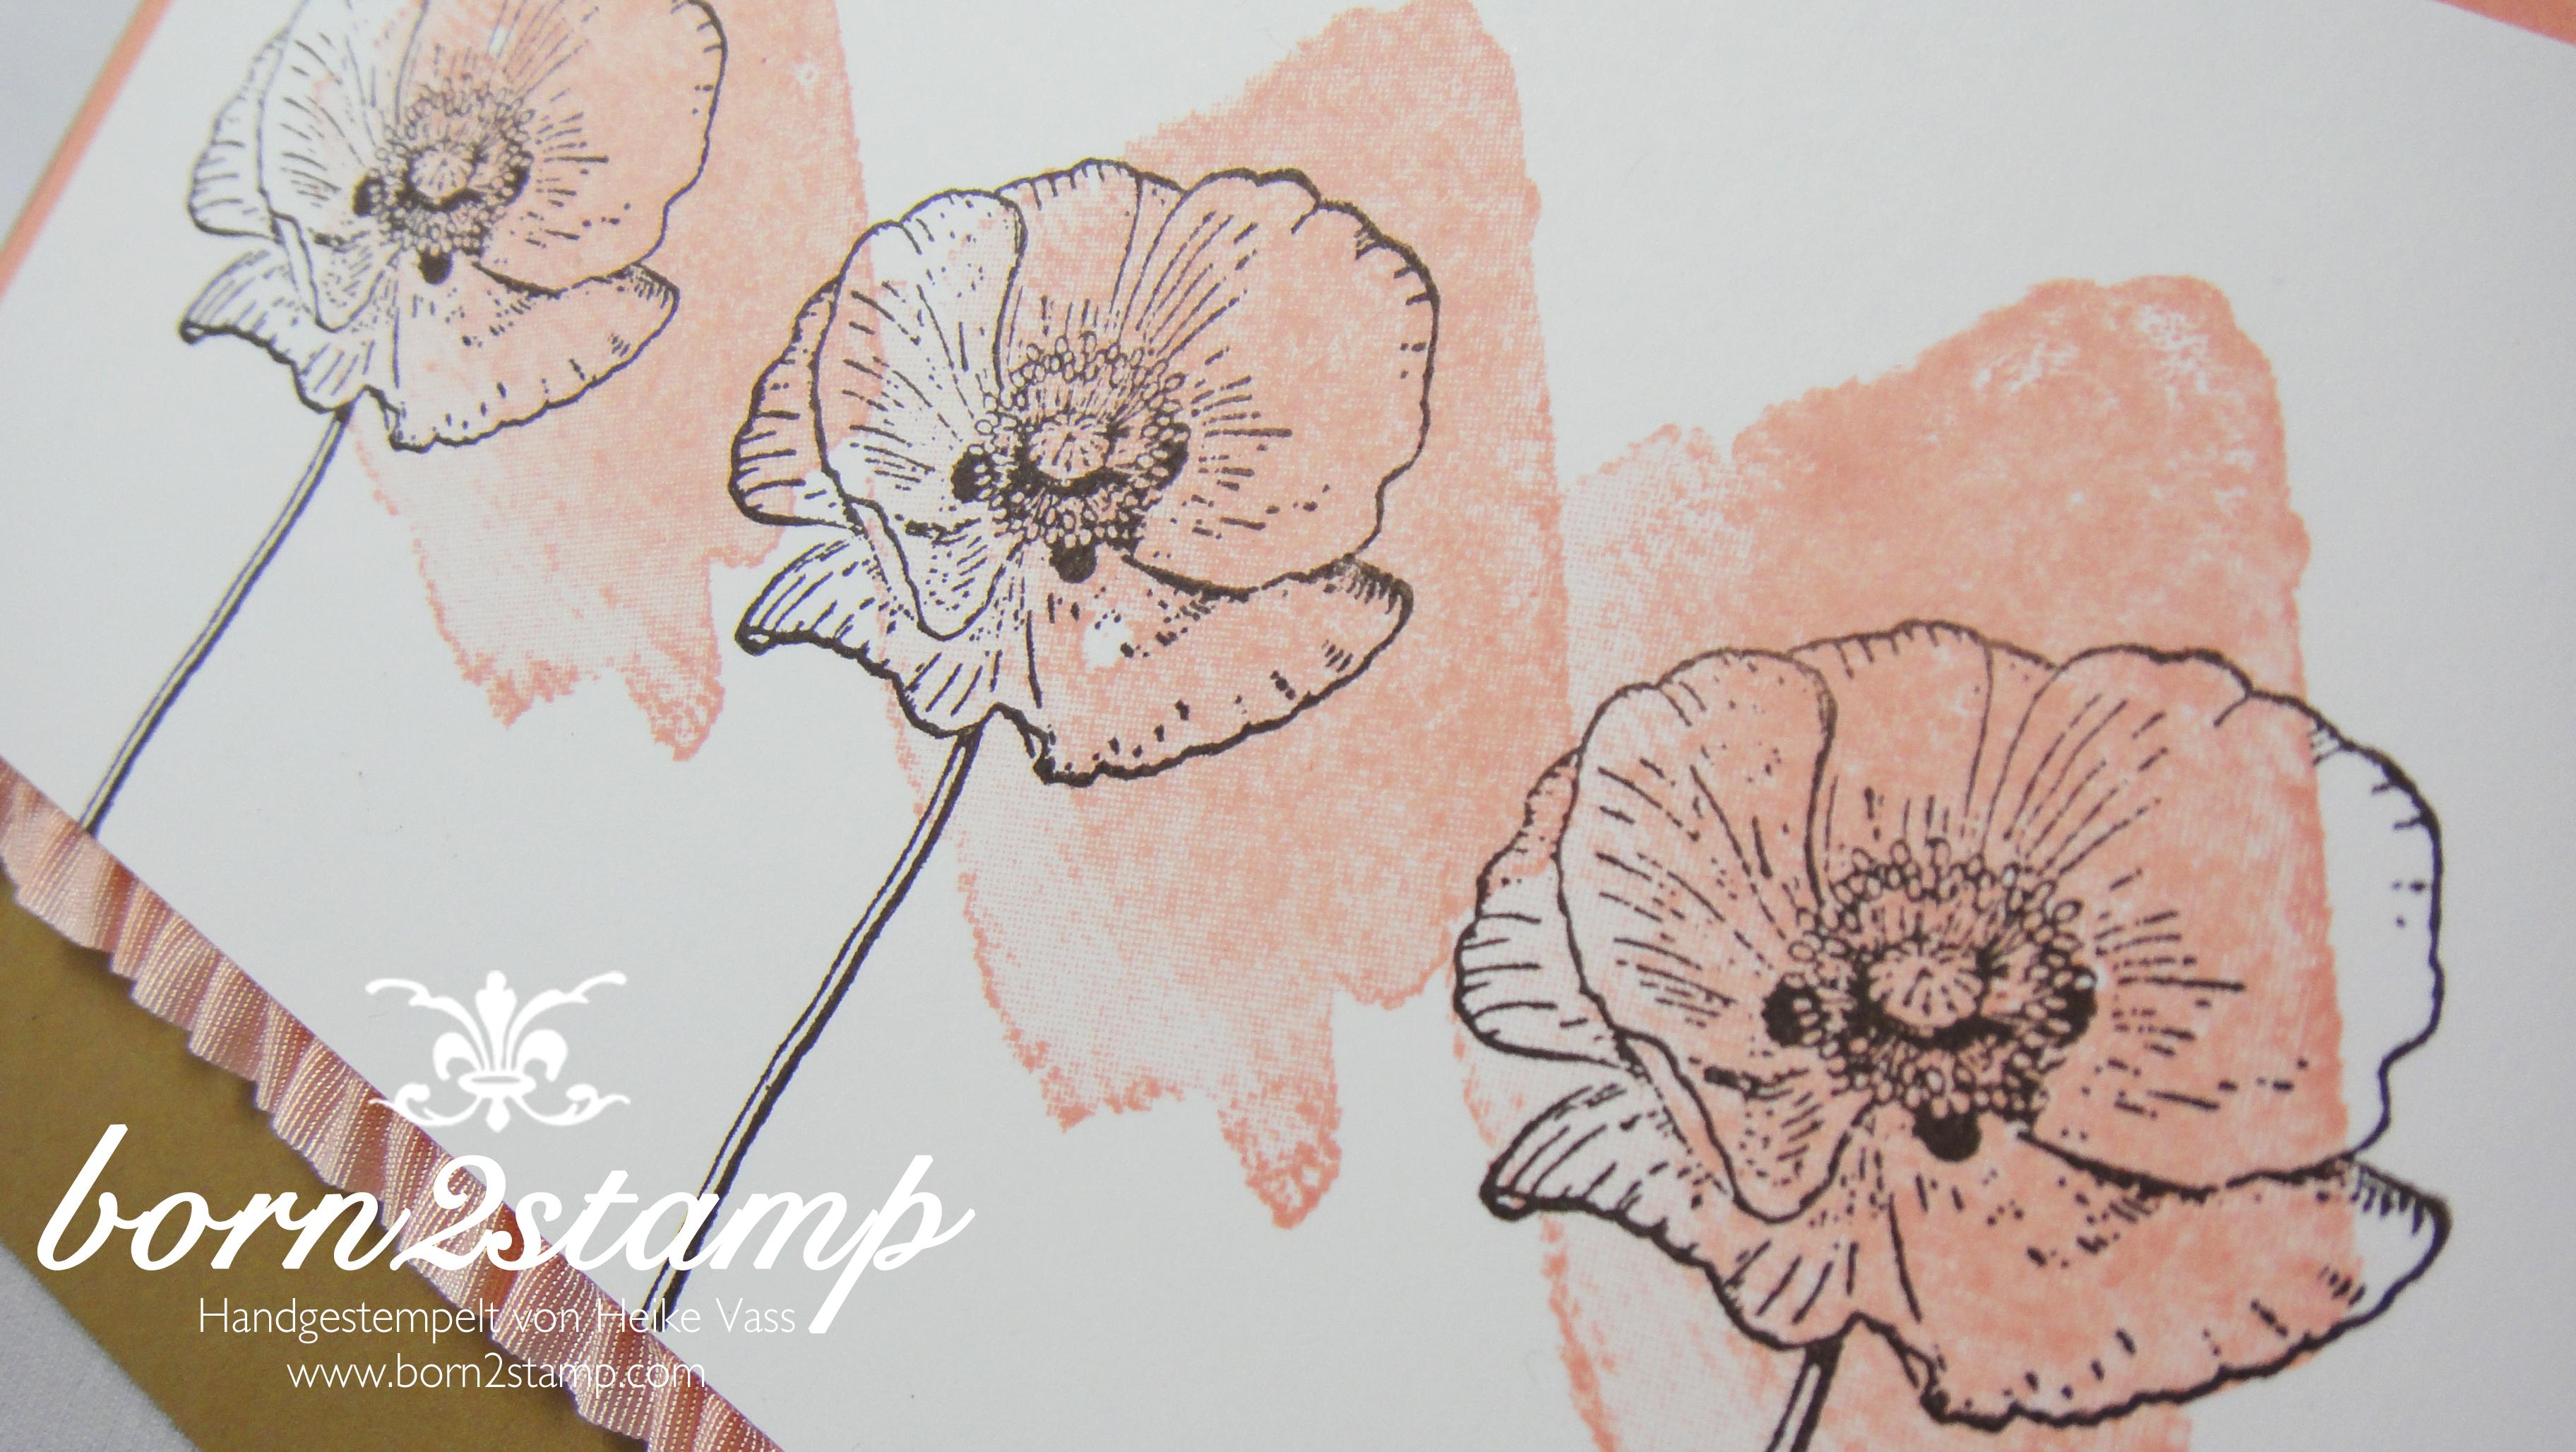 STAMPIN' UP! Karte mit Happy Watercolor und Stretchband